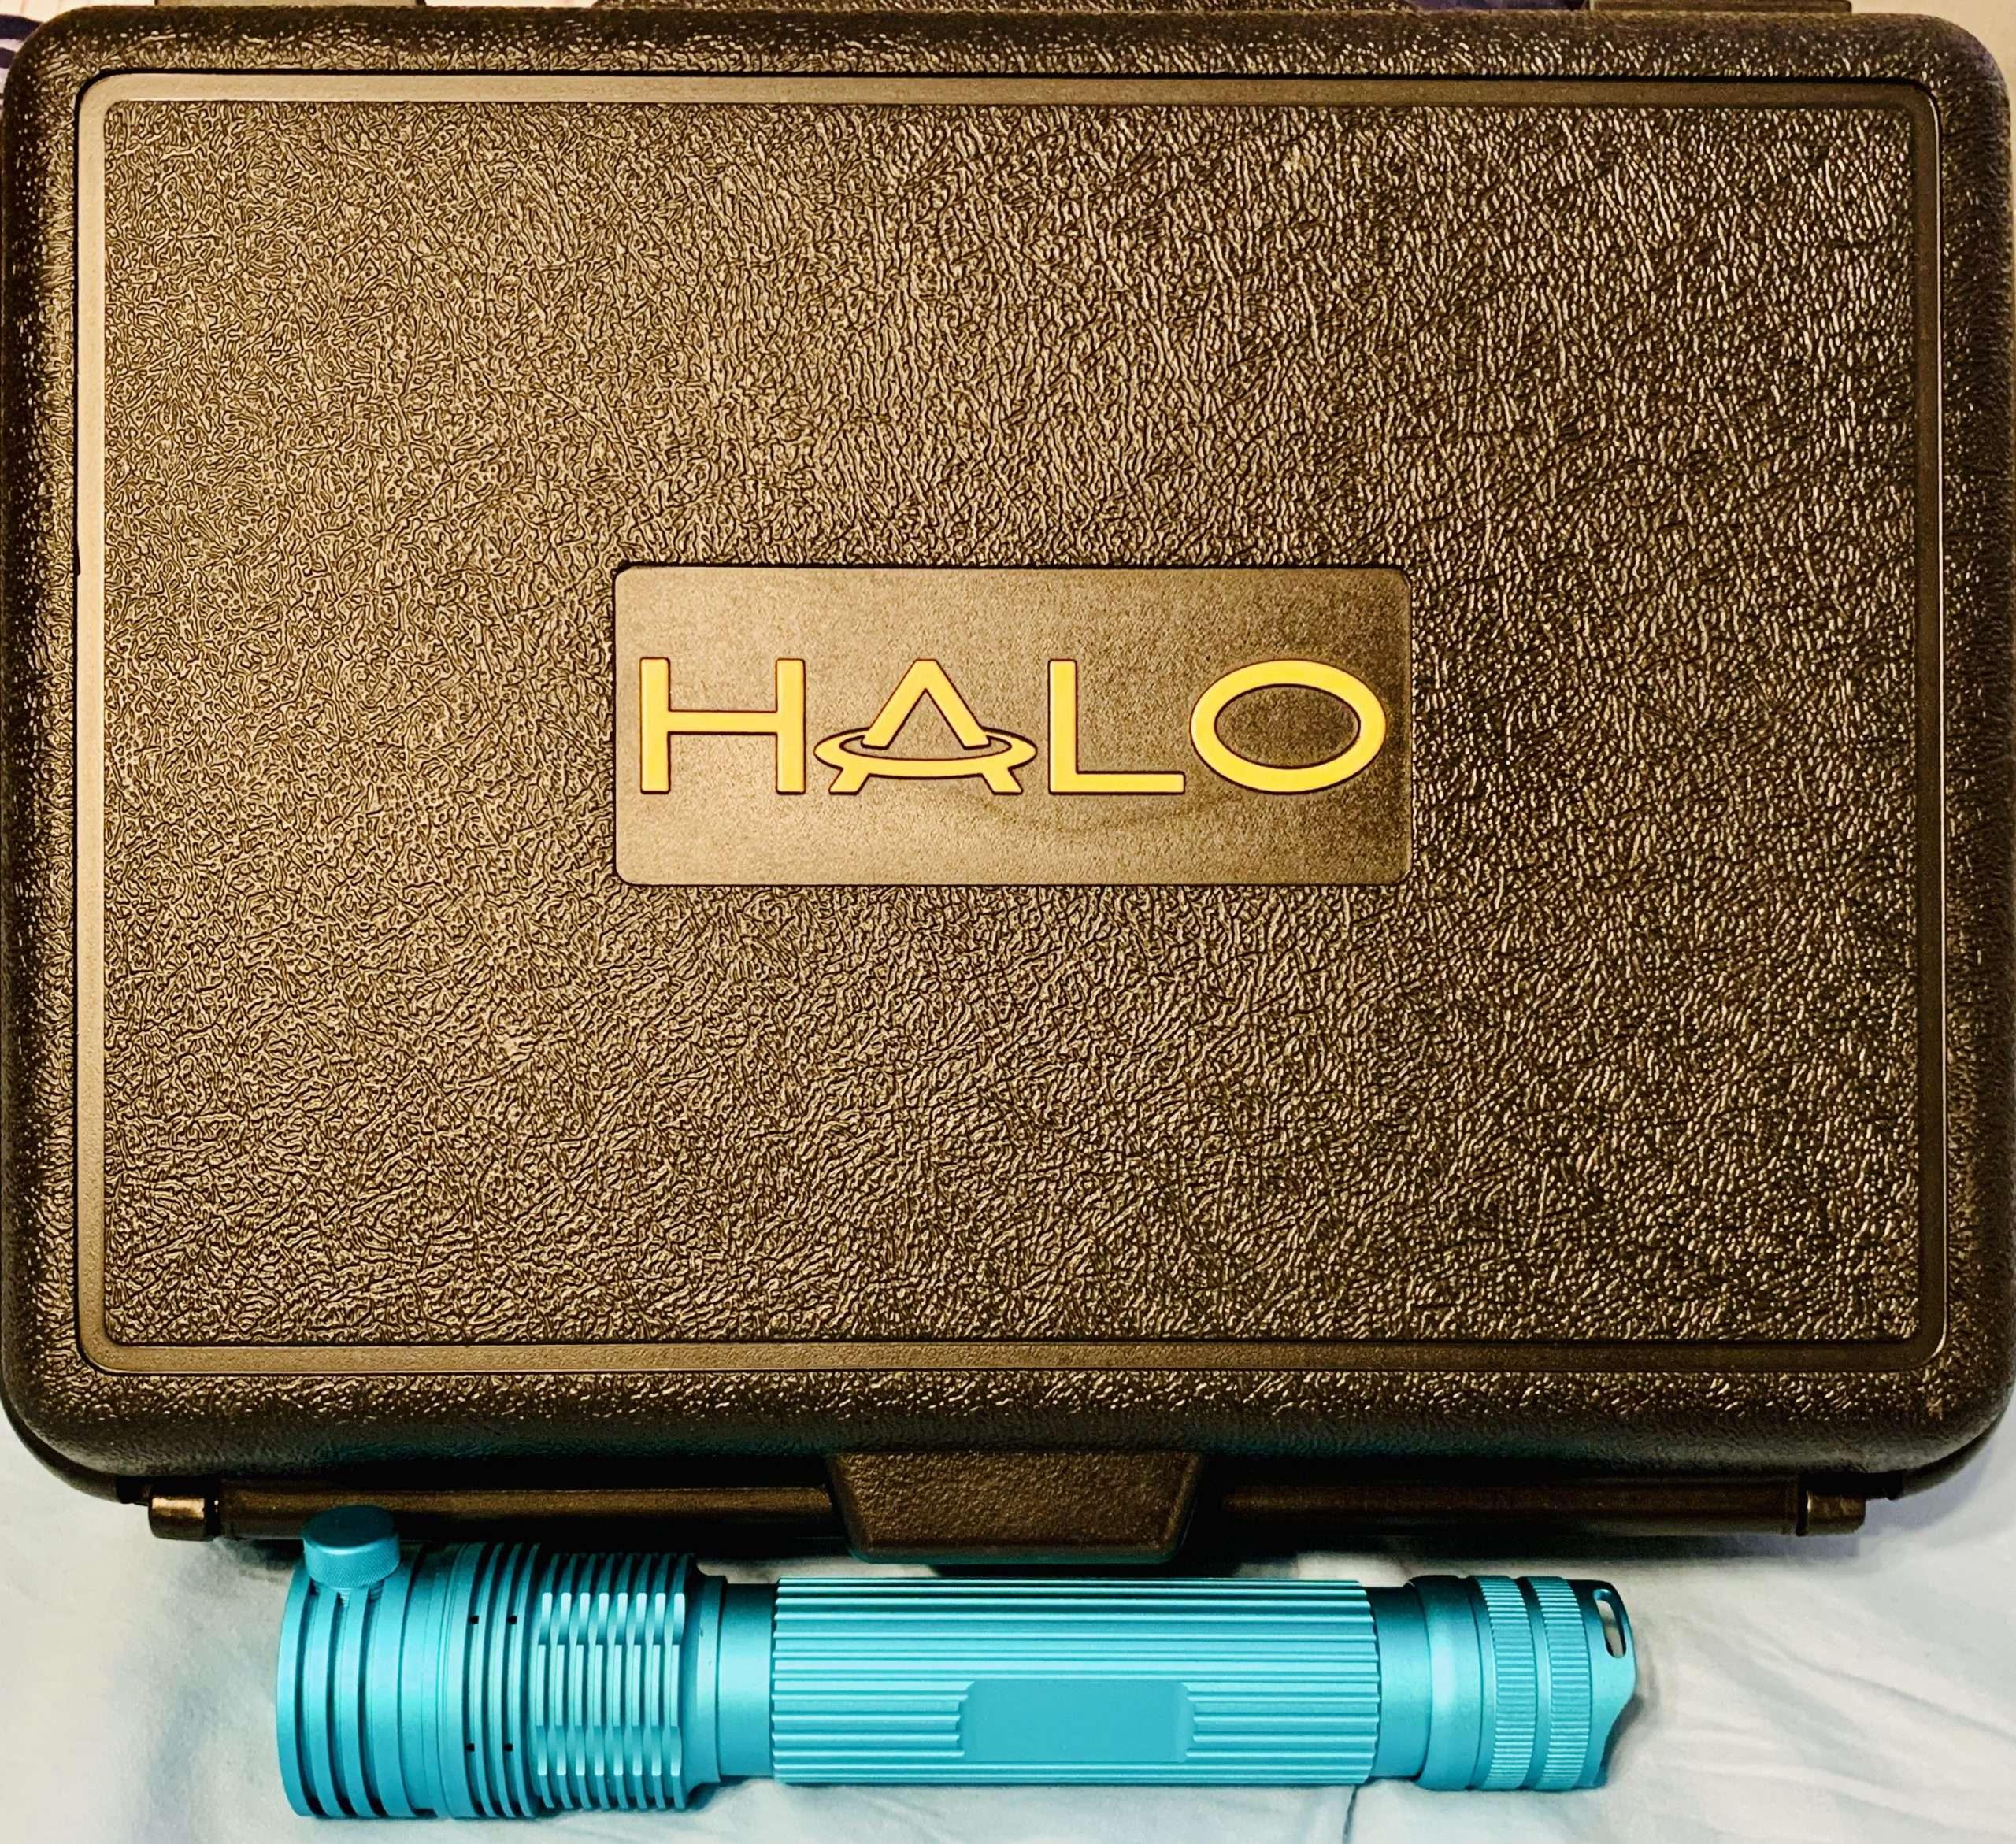 halo treatment